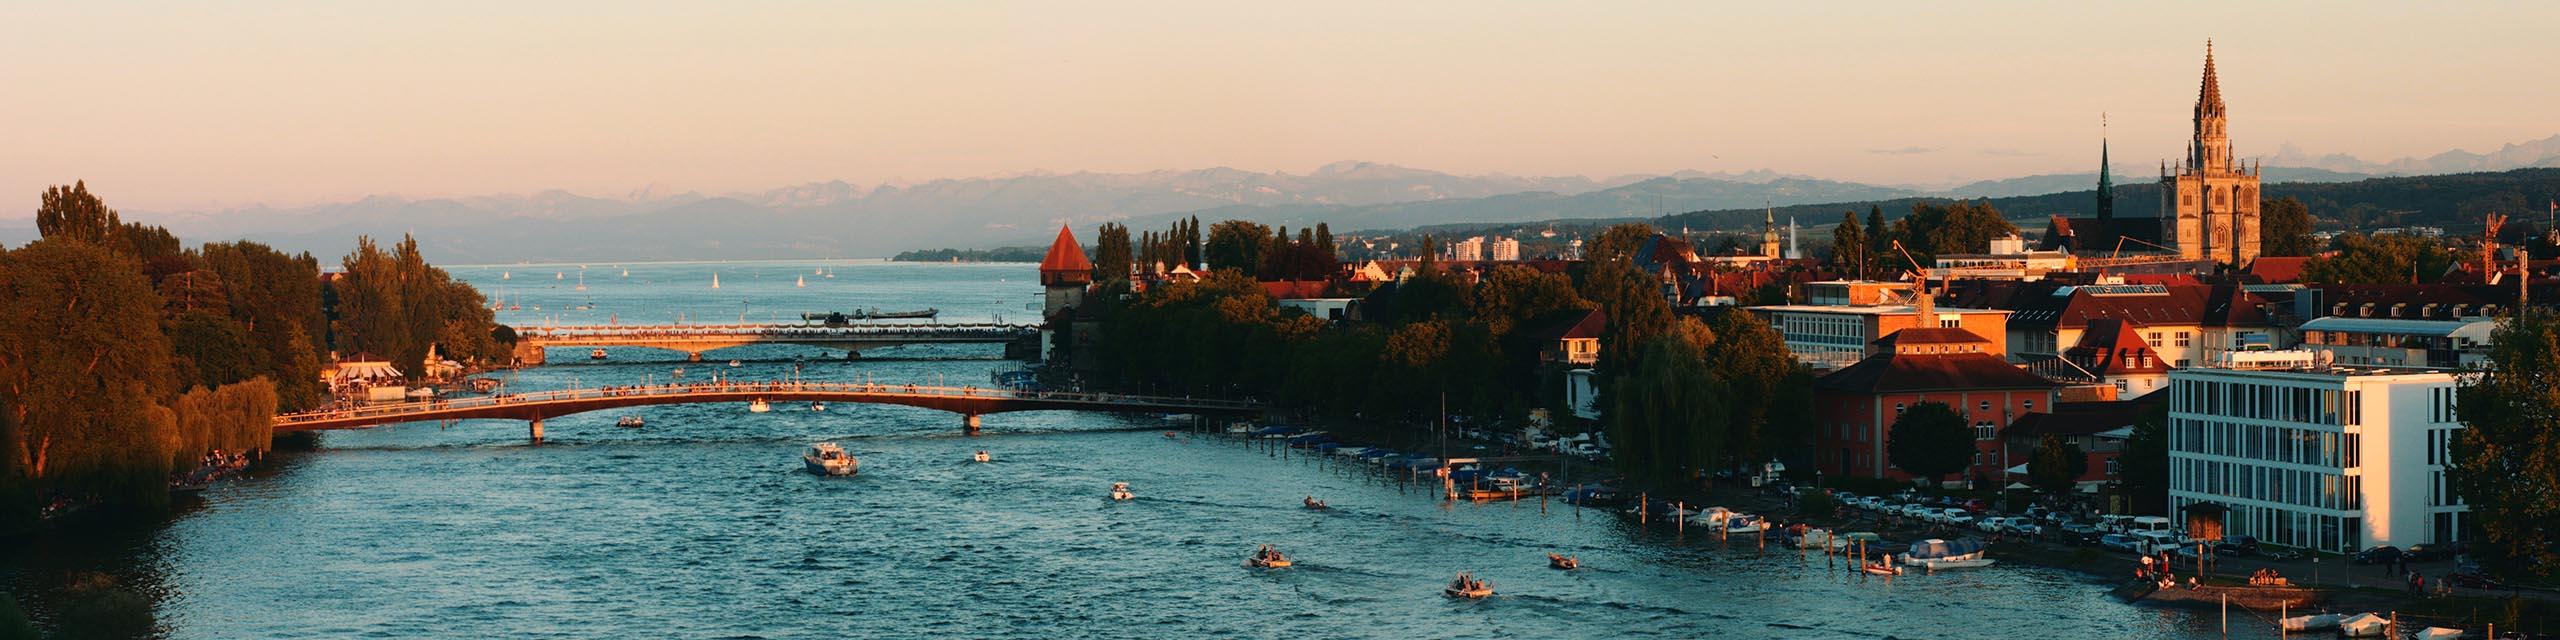 Aussicht in Konstanz vom Seerhein auf den Bodensee